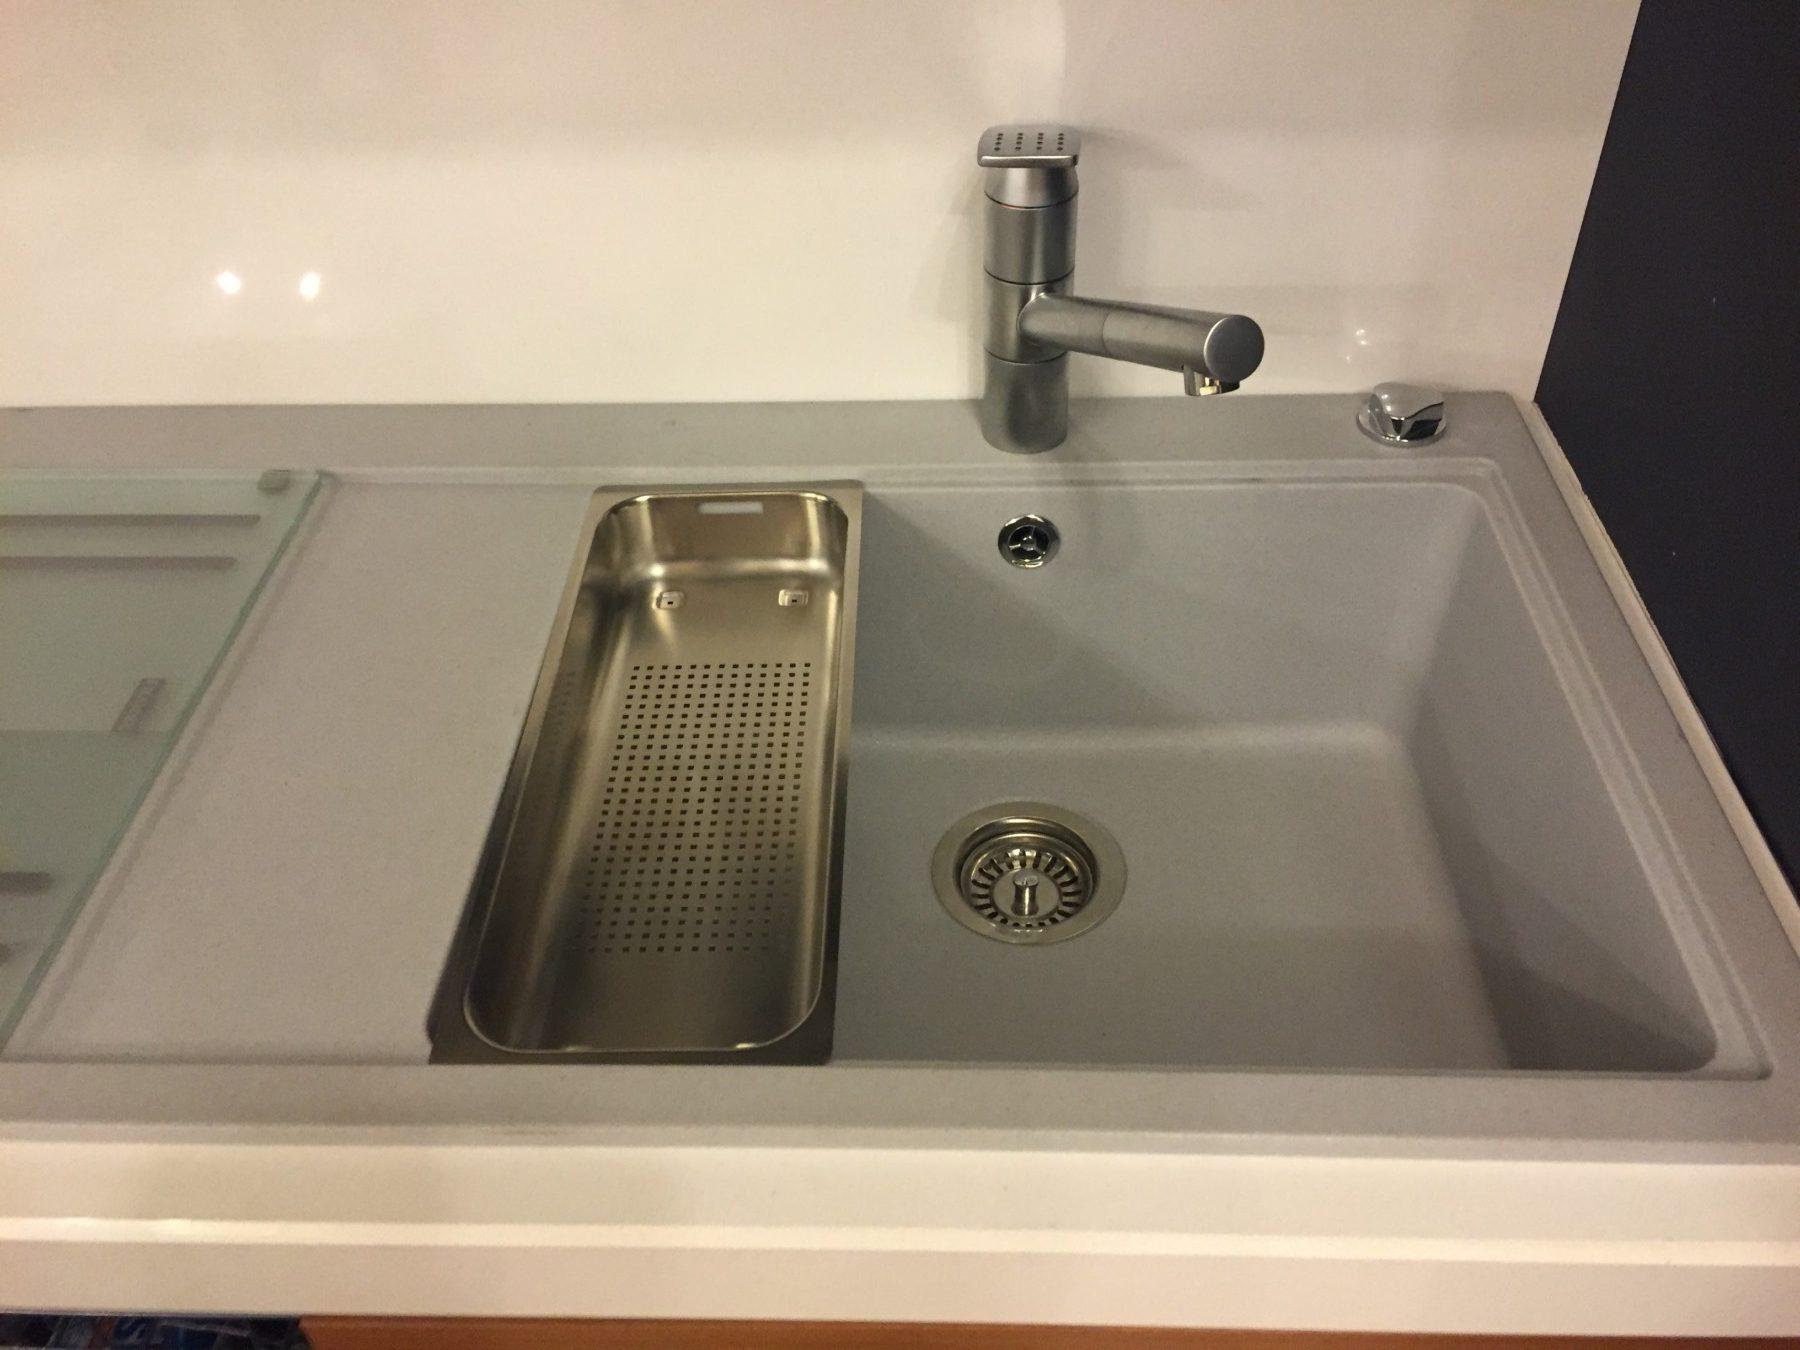 Lavello 1 vasca grande e sgocciolatoio fragranite franke con accessori arredamenti casarini - Vasca cucina fragranite ...